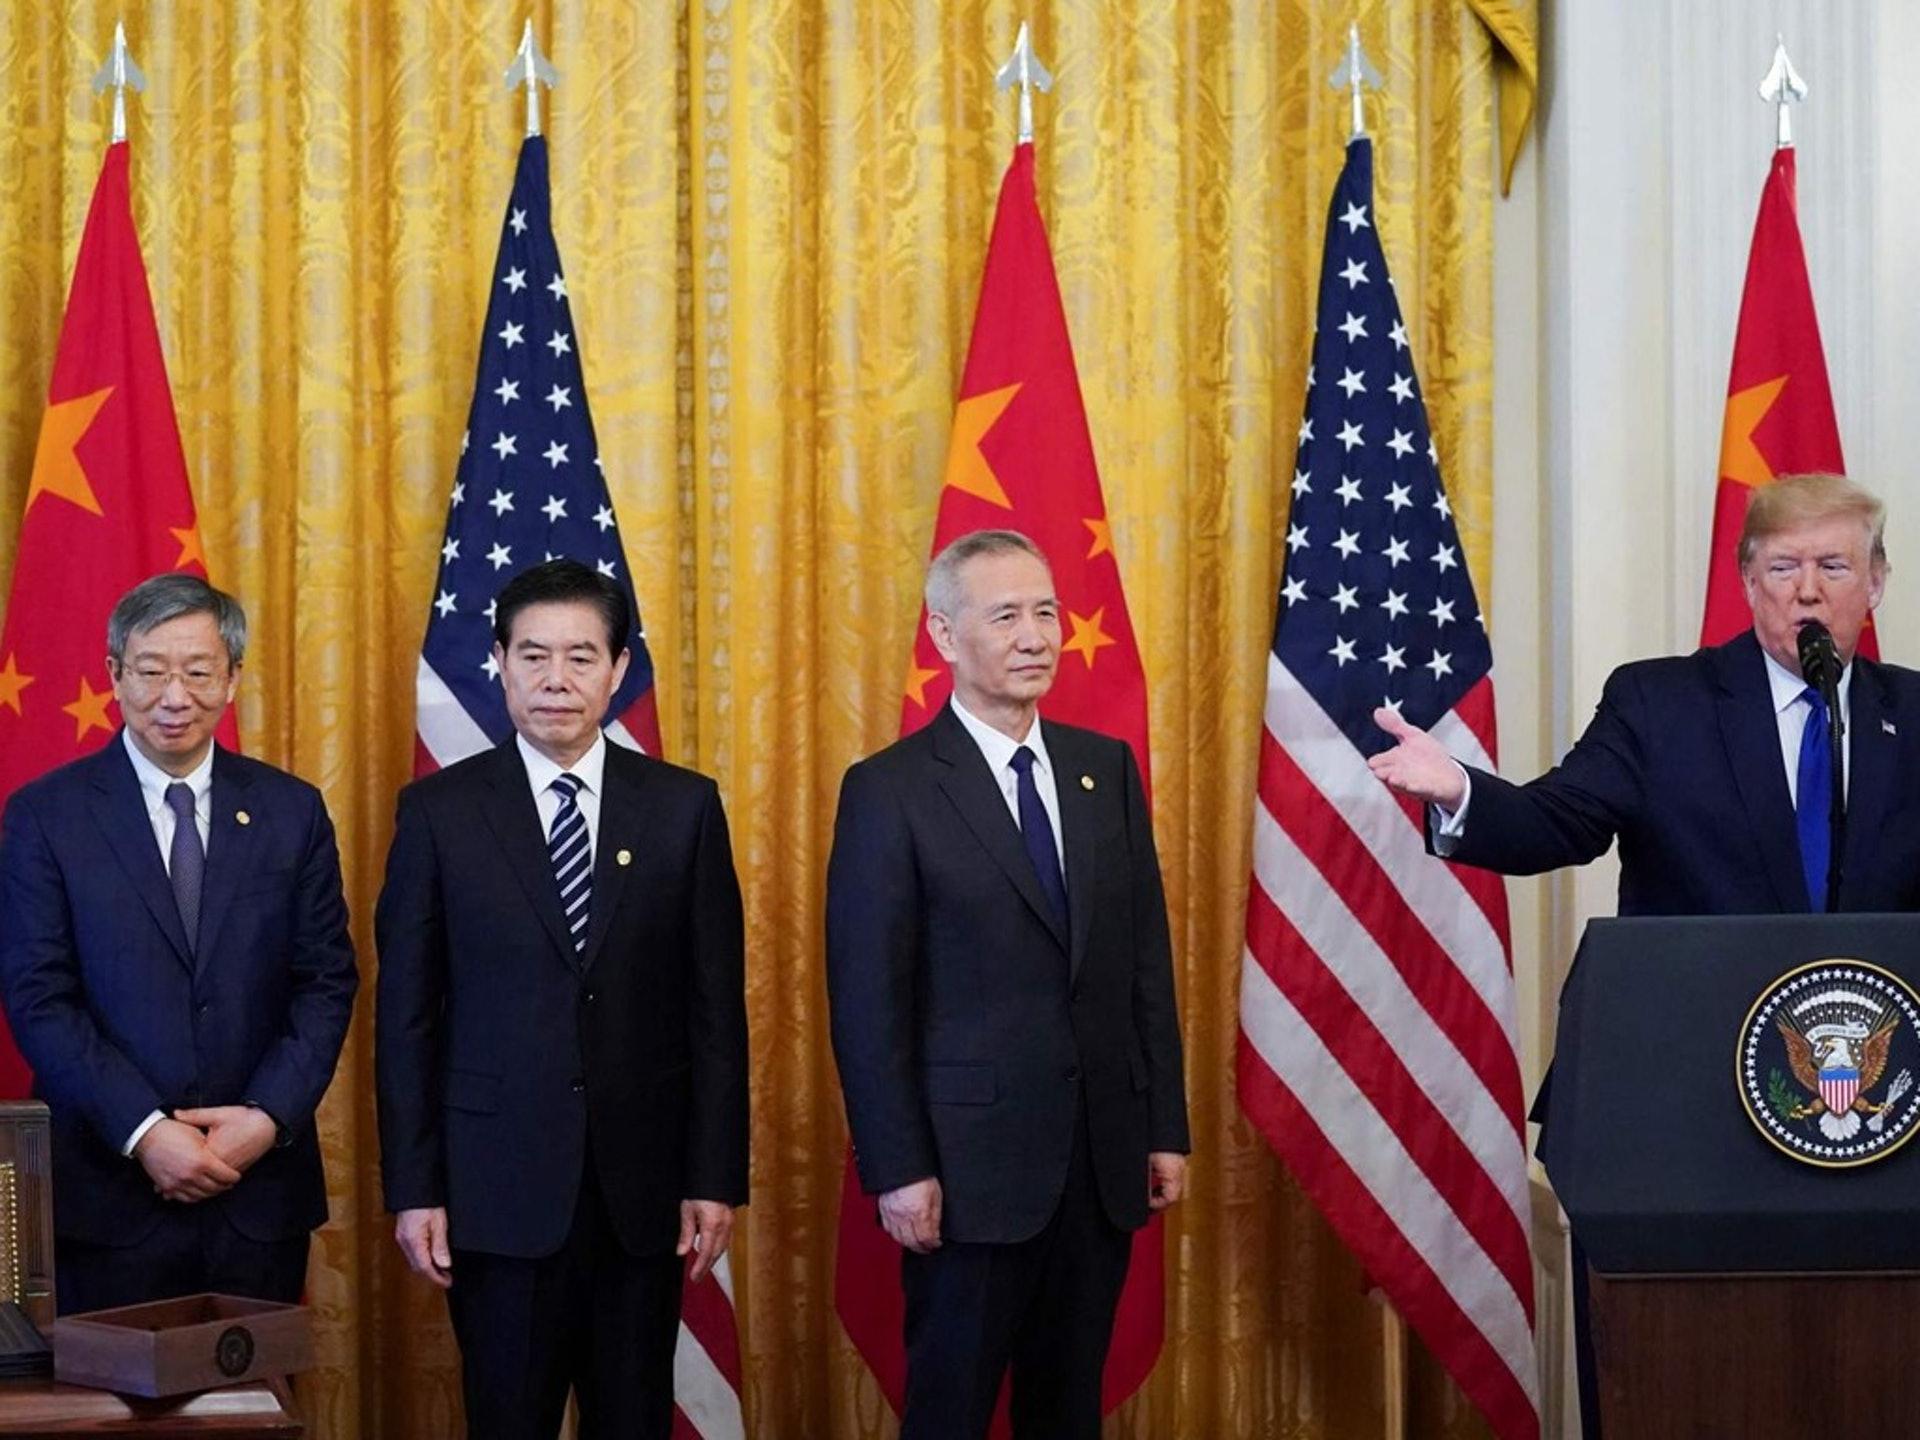 中美貿易戰因為第一階段協議在2020年1月15日迎來轉折點,美國總統特朗普(右一)和中國國務院副總理劉鶴當天在白宮共同出席了簽署協議的儀式。一時間,全球輿論就為之騷然。(路透社)